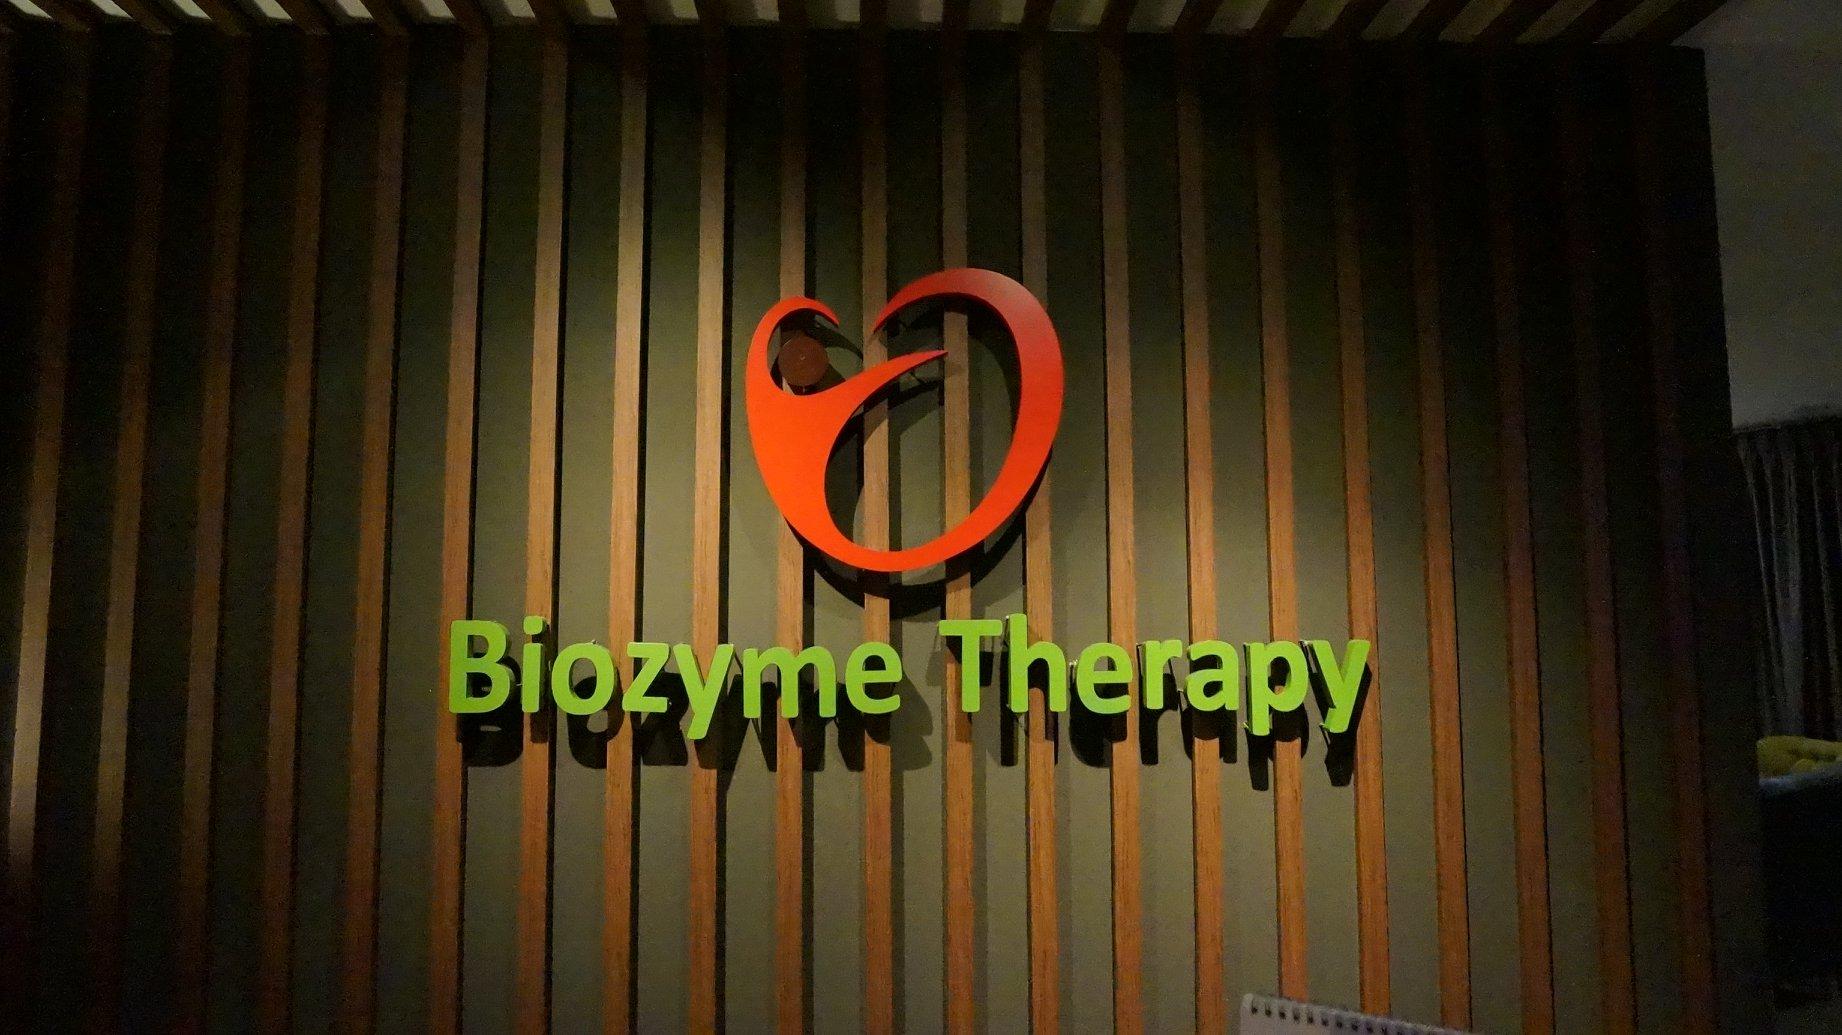 Biozyme Therapy